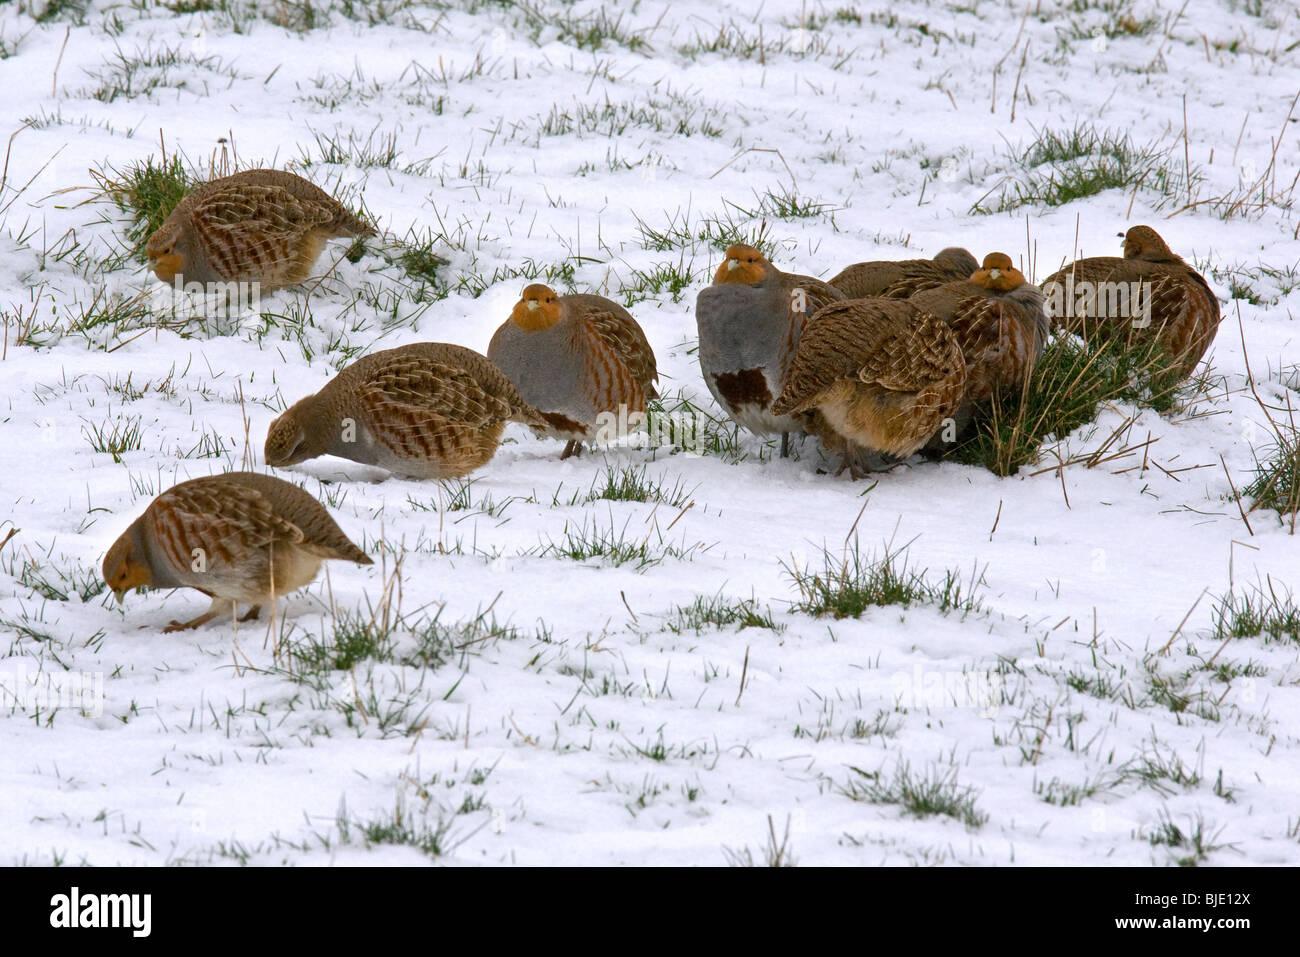 Flock of Grey partridges (Perdix perdix) foraging in the snow in meadow in winter, Zeeland, the Netherlands - Stock Image